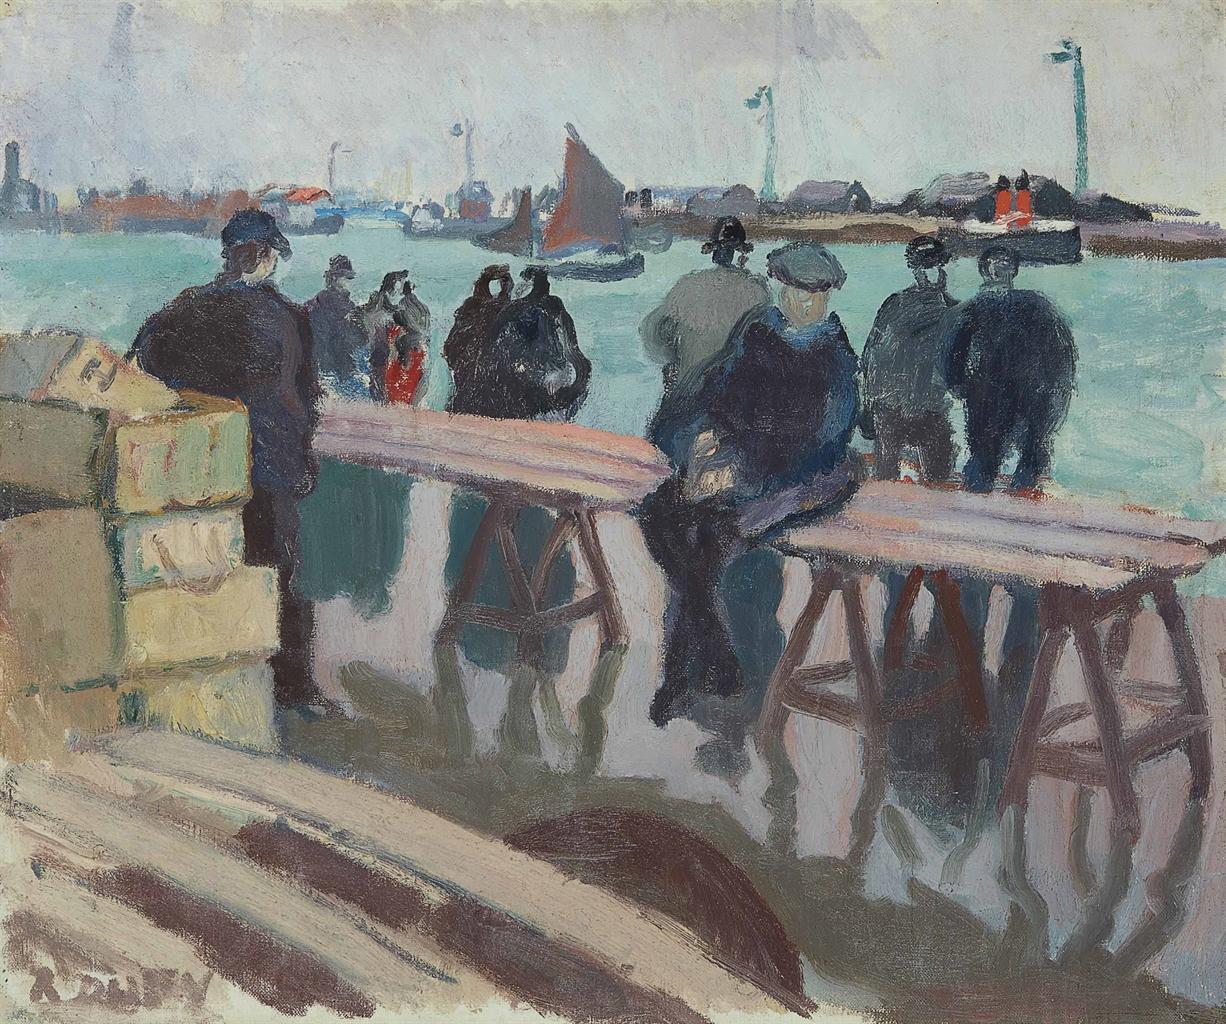 Raoul Dufy-Les pecheurs-1905